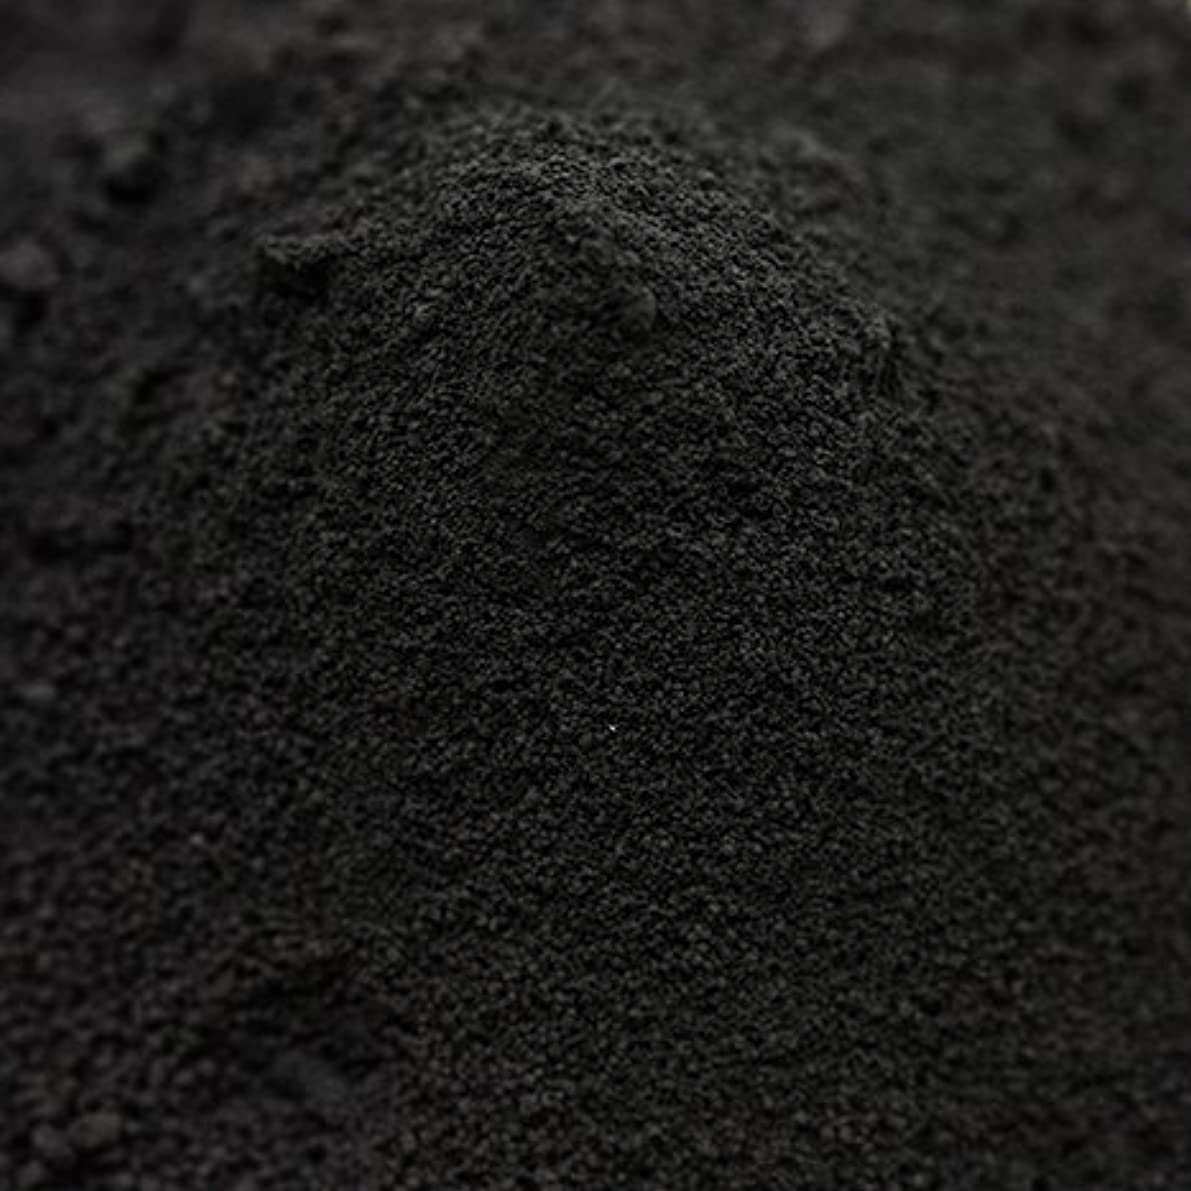 検出する操る混沌竹炭パウダー(超微粉末) 50g 【手作り石鹸/手作りコスメに】